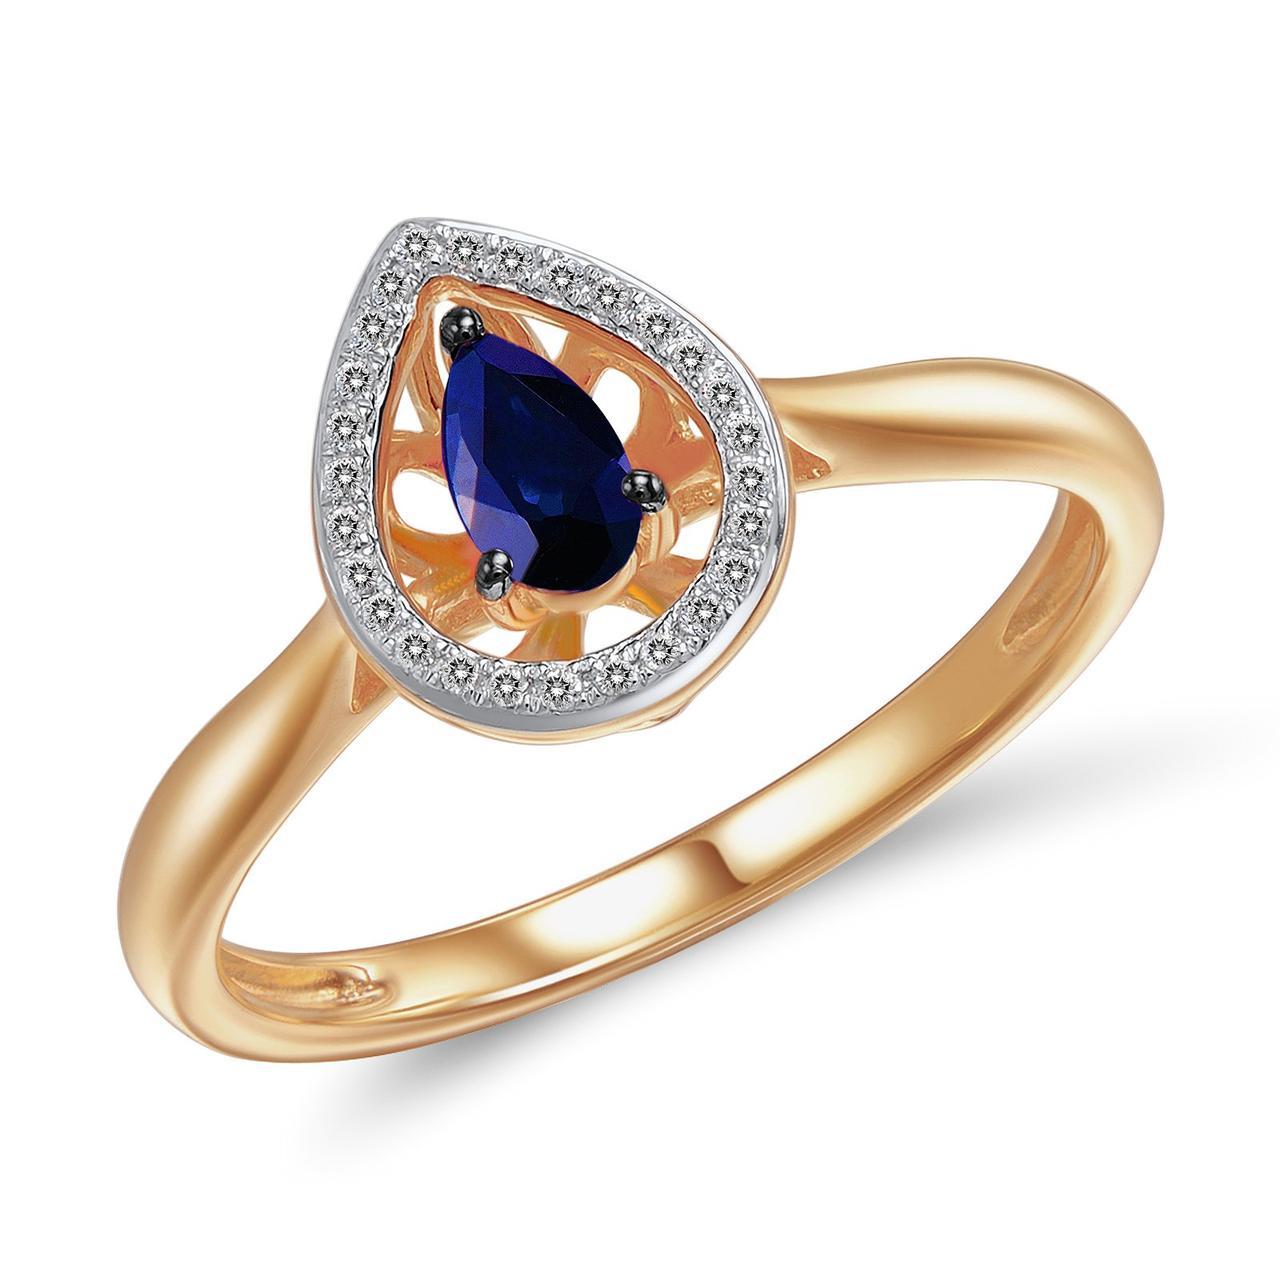 Золотое кольцо с бриллиантами и сапфиром, размер 16.5 (562800)